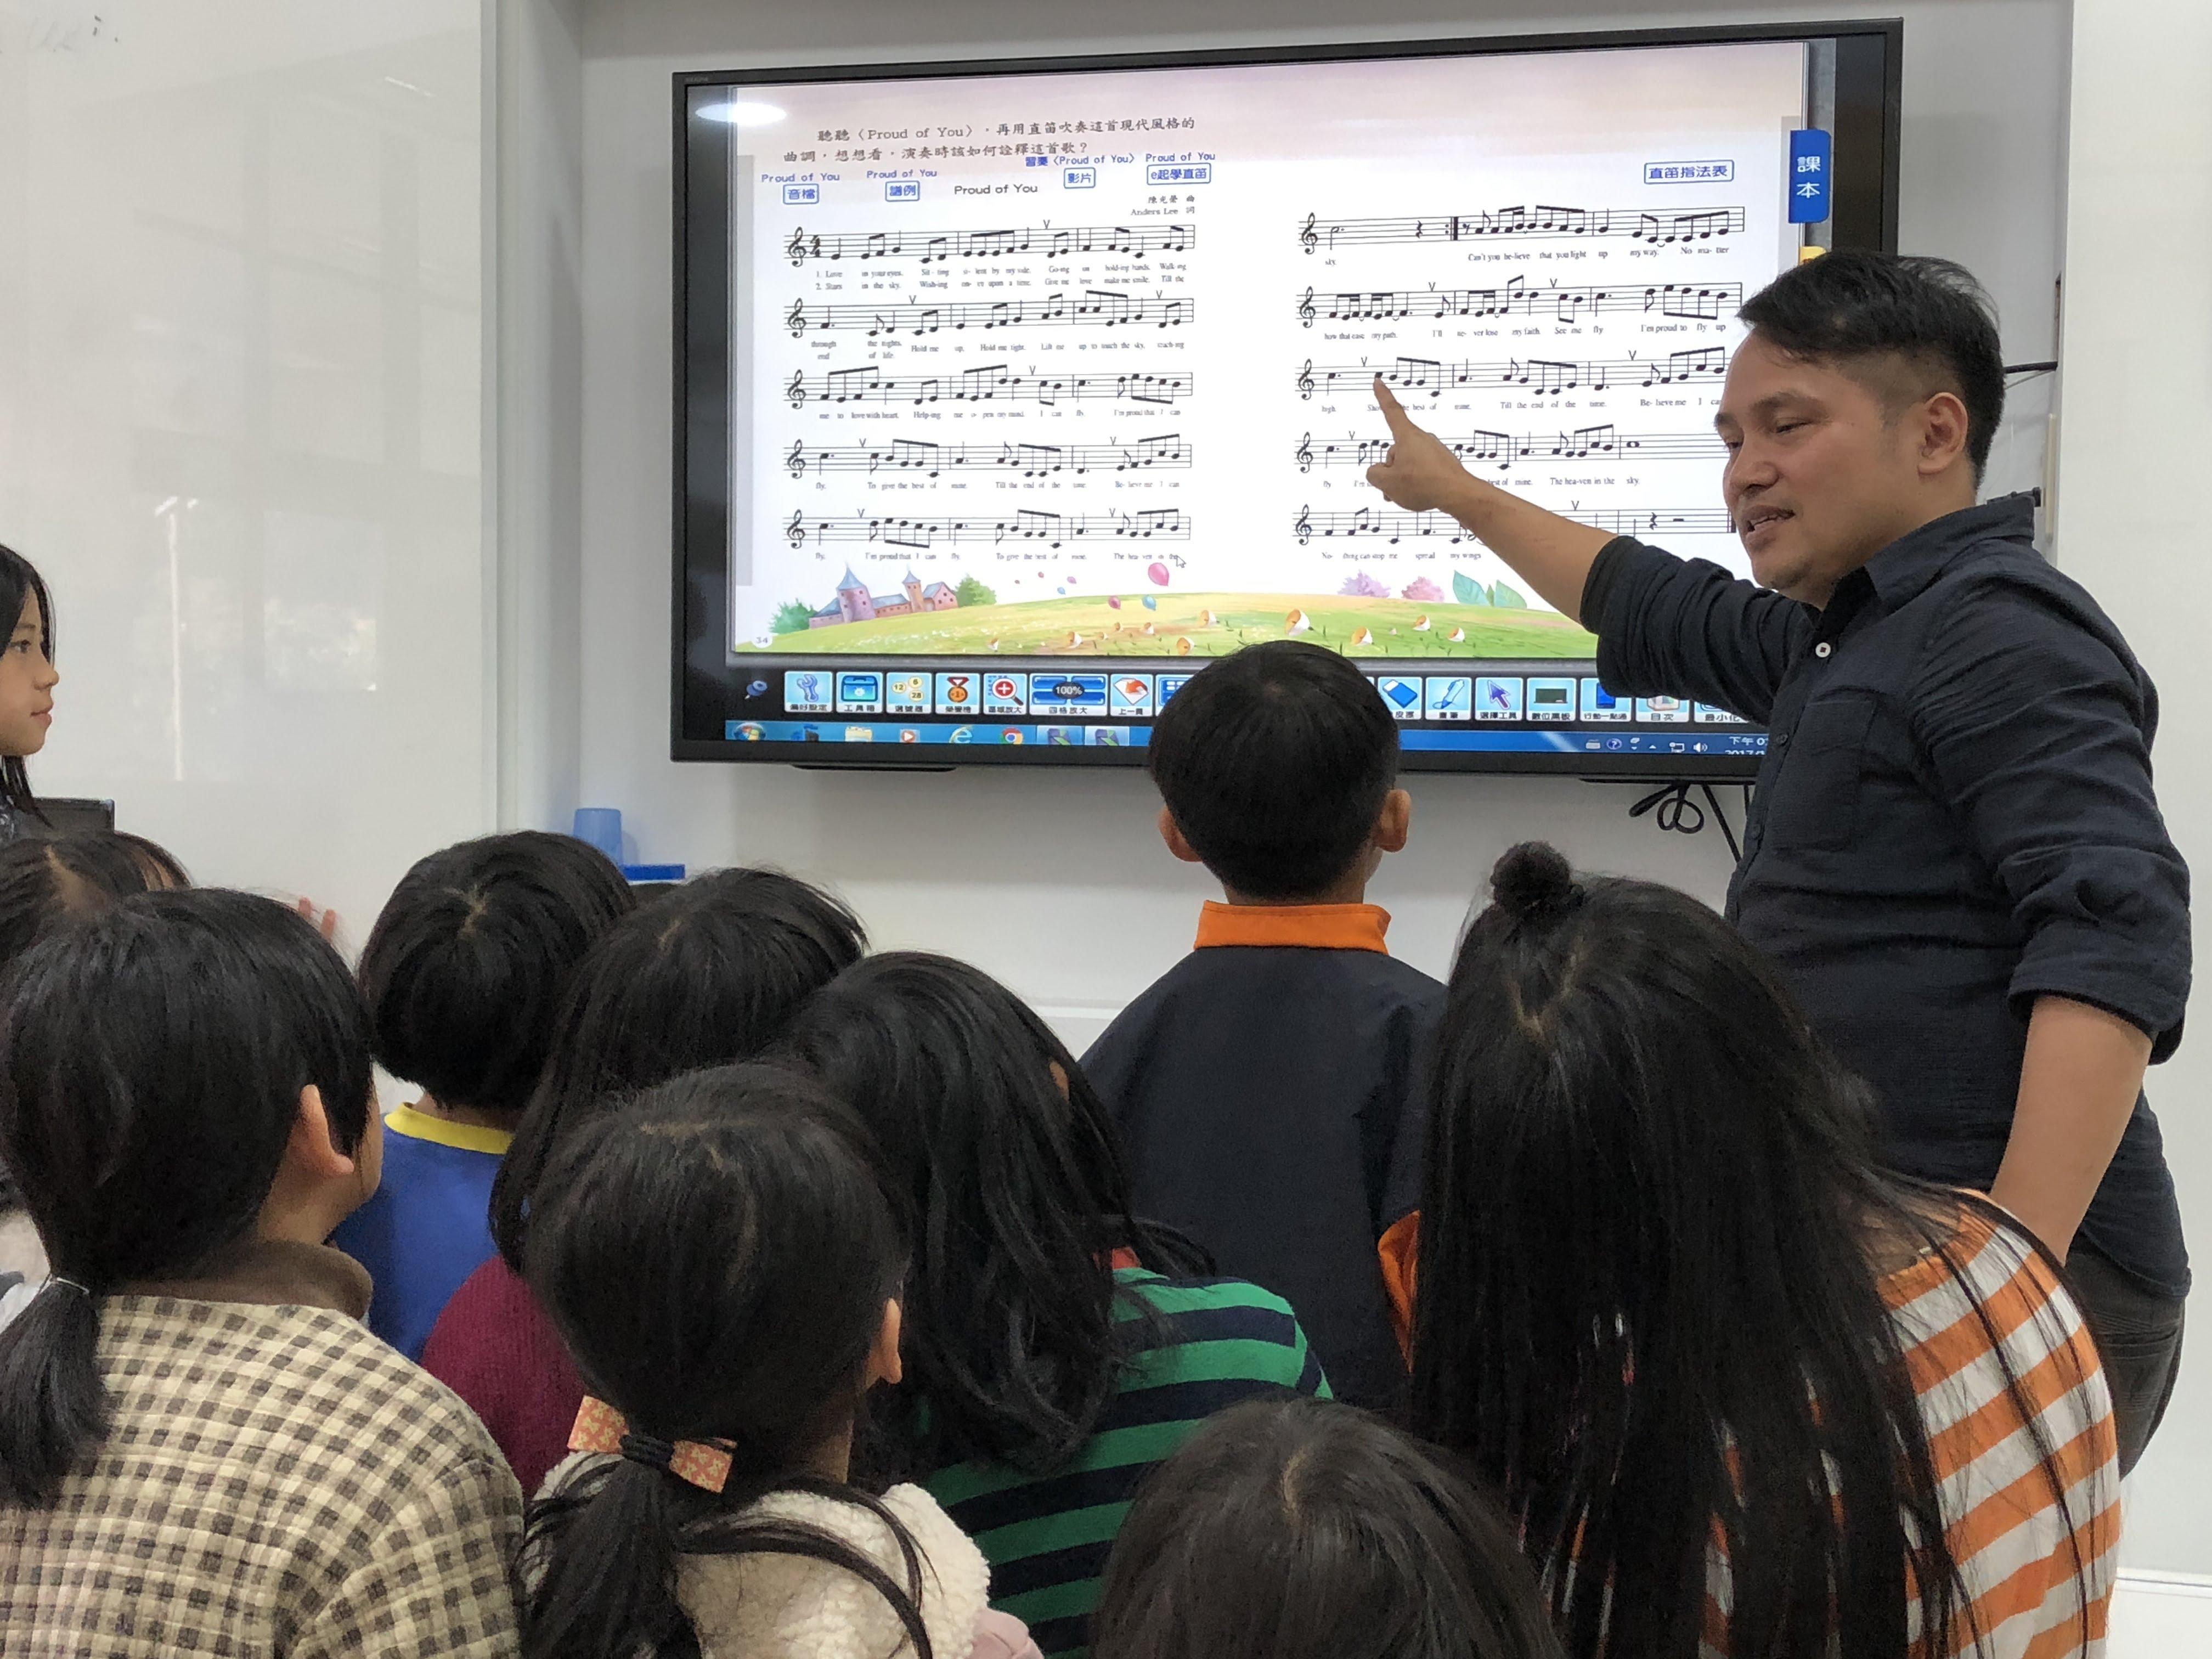 圖2:張世傑在帶合唱團時,會讓小朋友閉上眼睛去傾聽聲音。_大圖